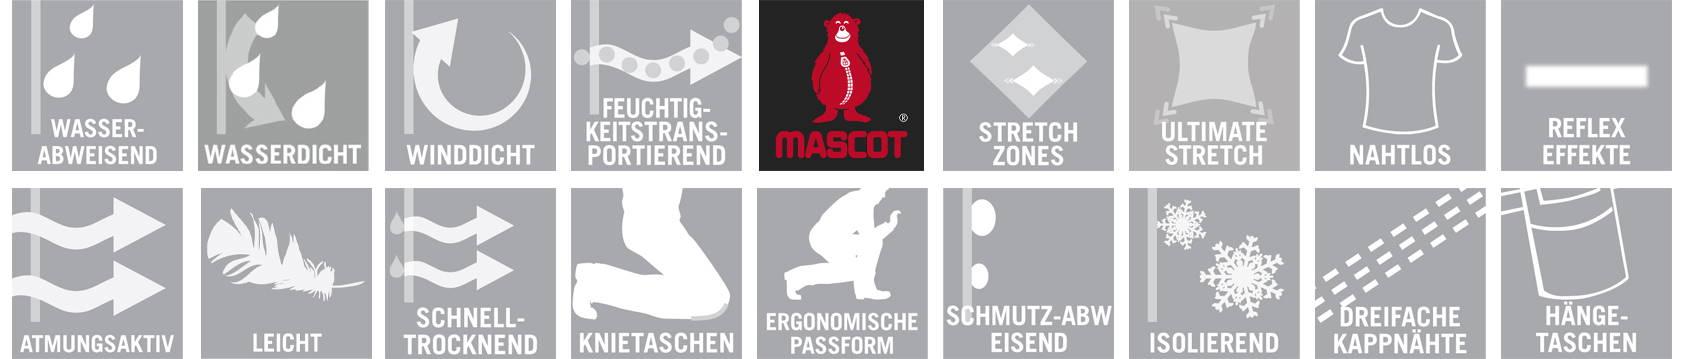 Mascot Icons | Günstige Arbeitskleidung und Werbeartikel bei ZEGO in Aschaffenburg